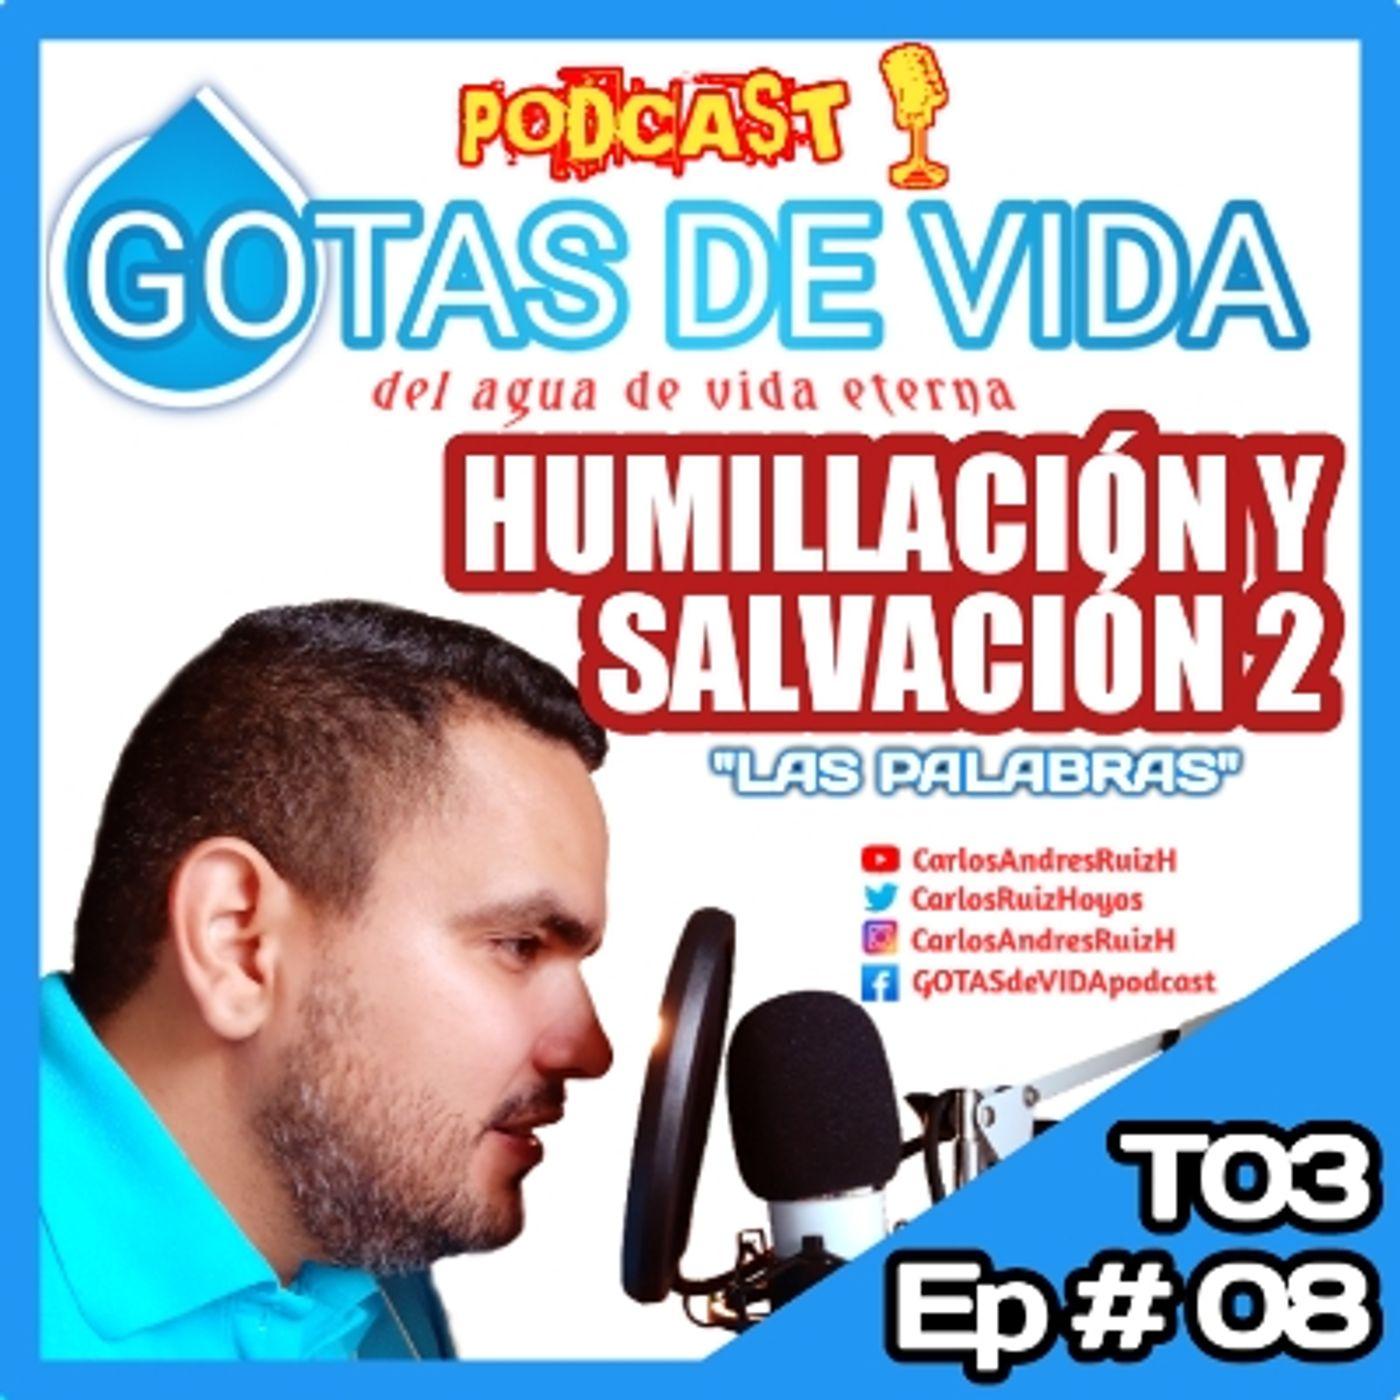 T03 Ep 08 - Humillacion y Salvacion 2